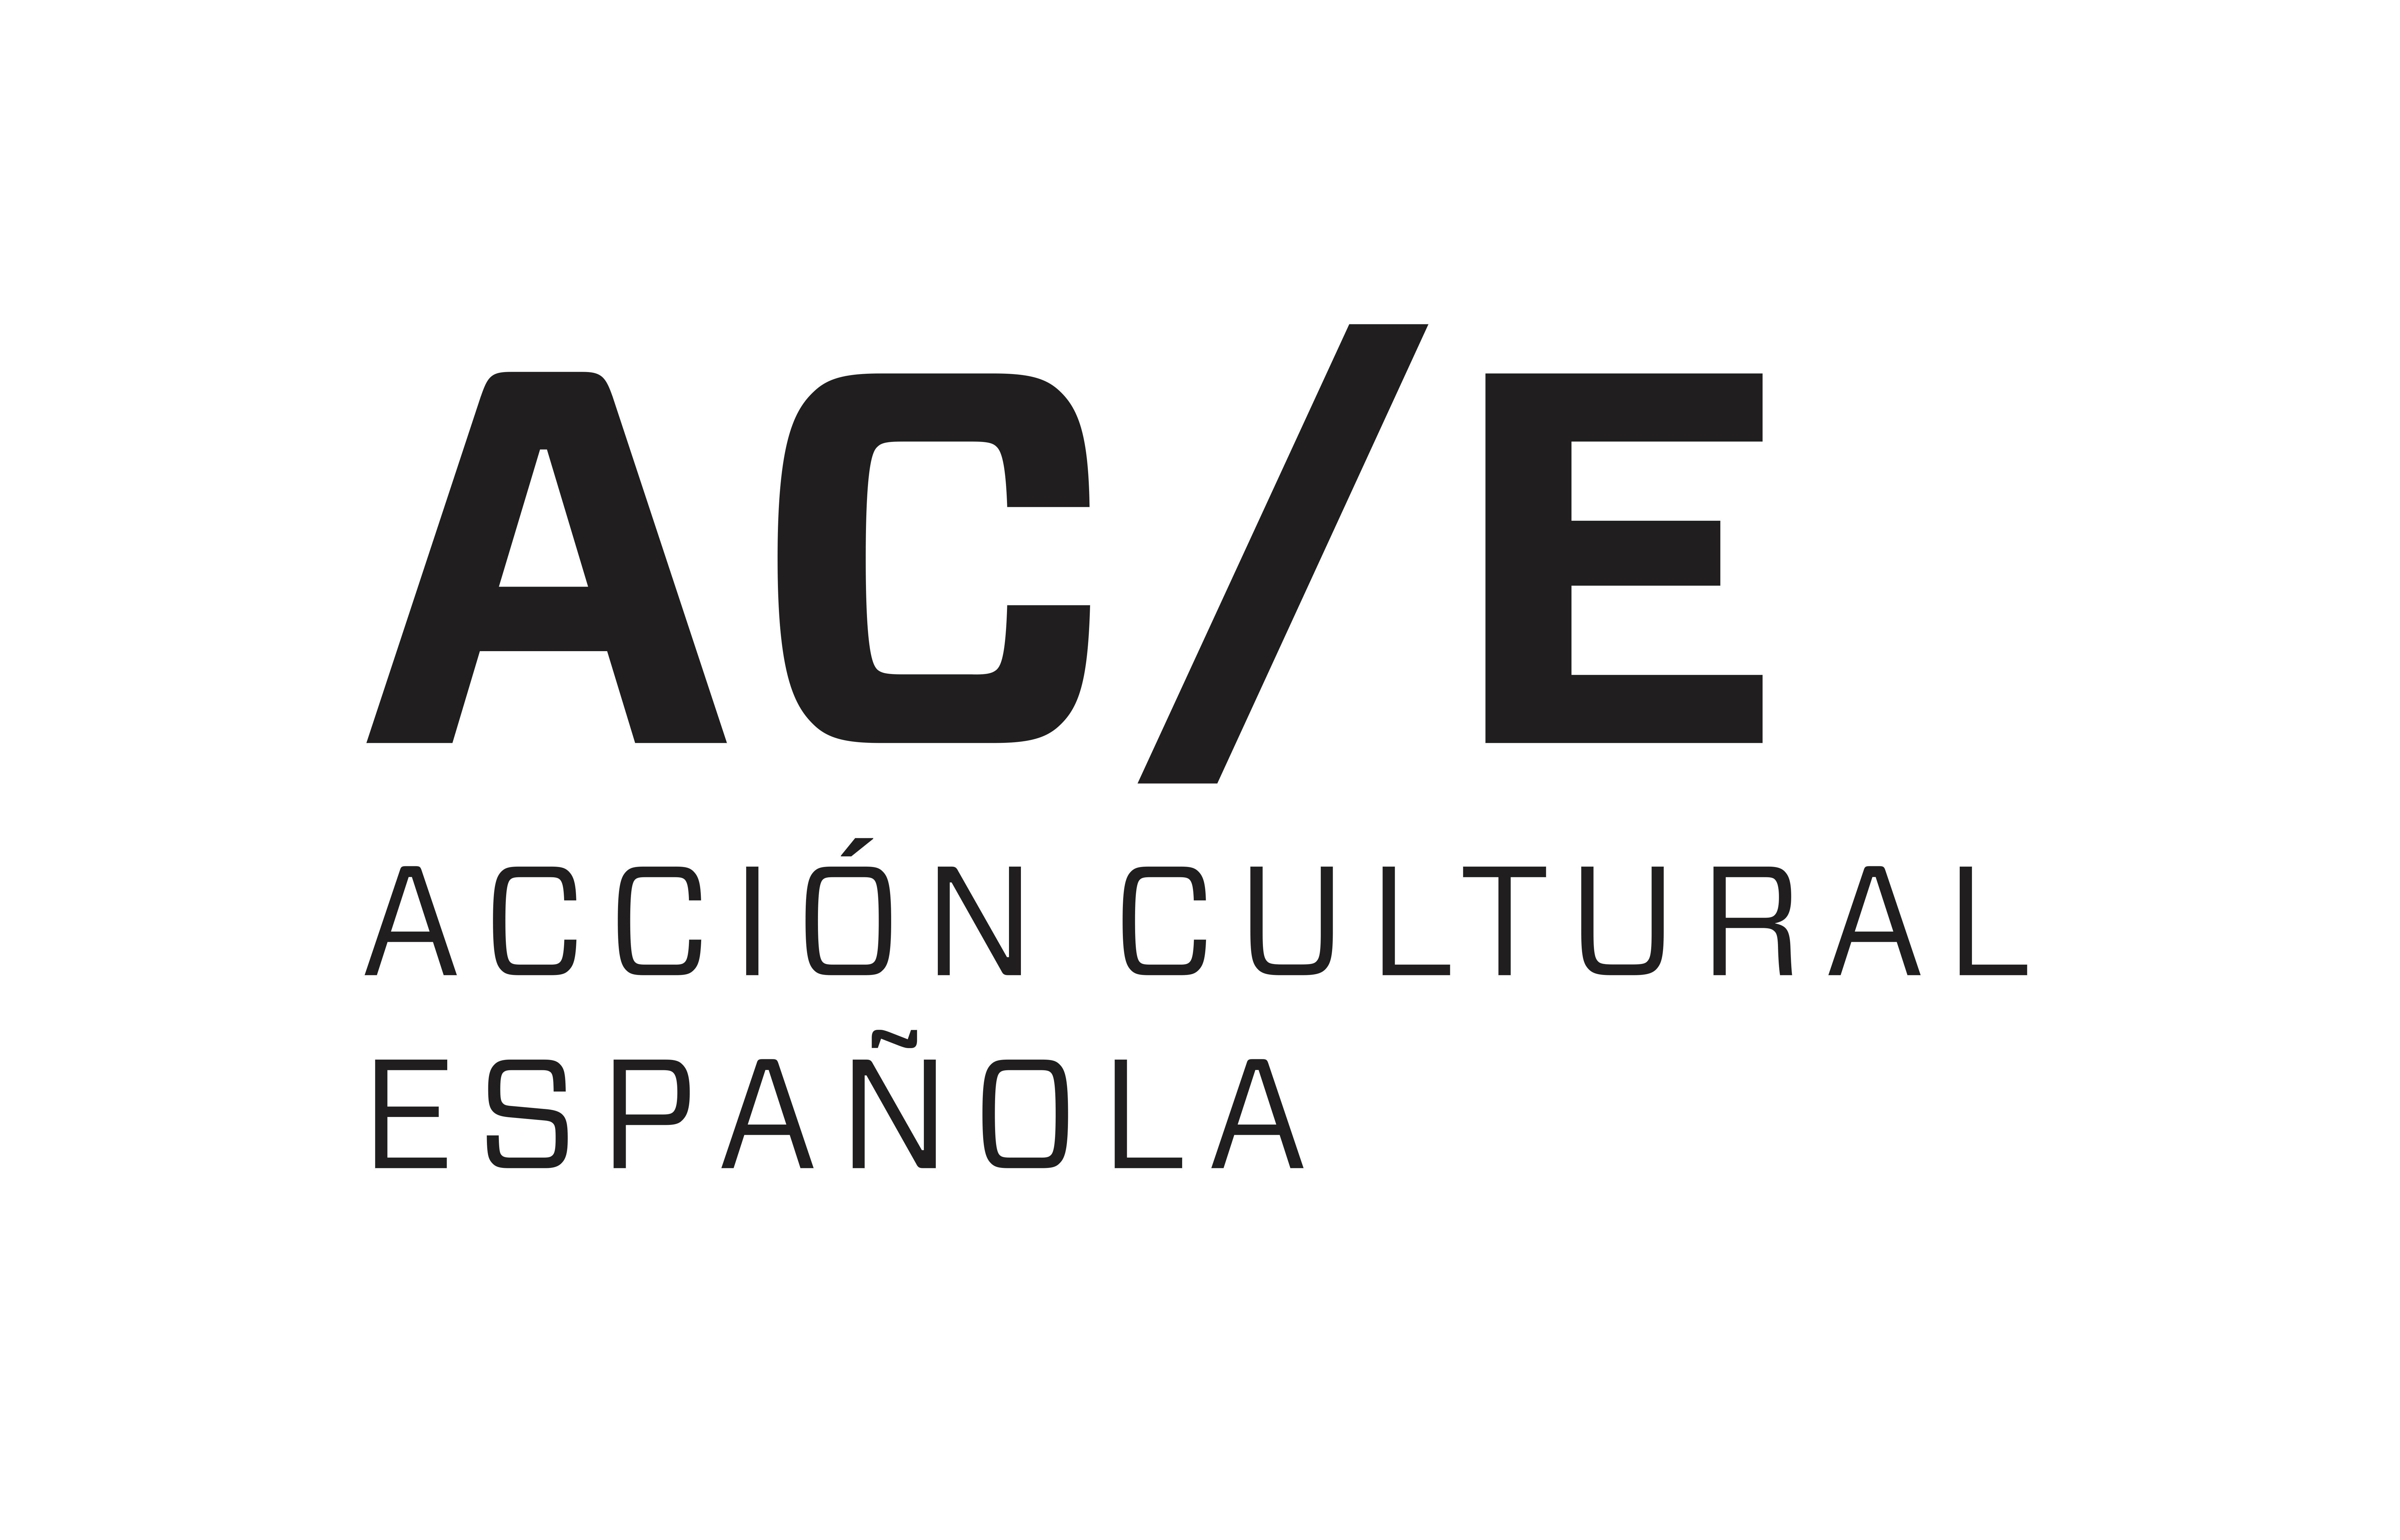 Ace Graf